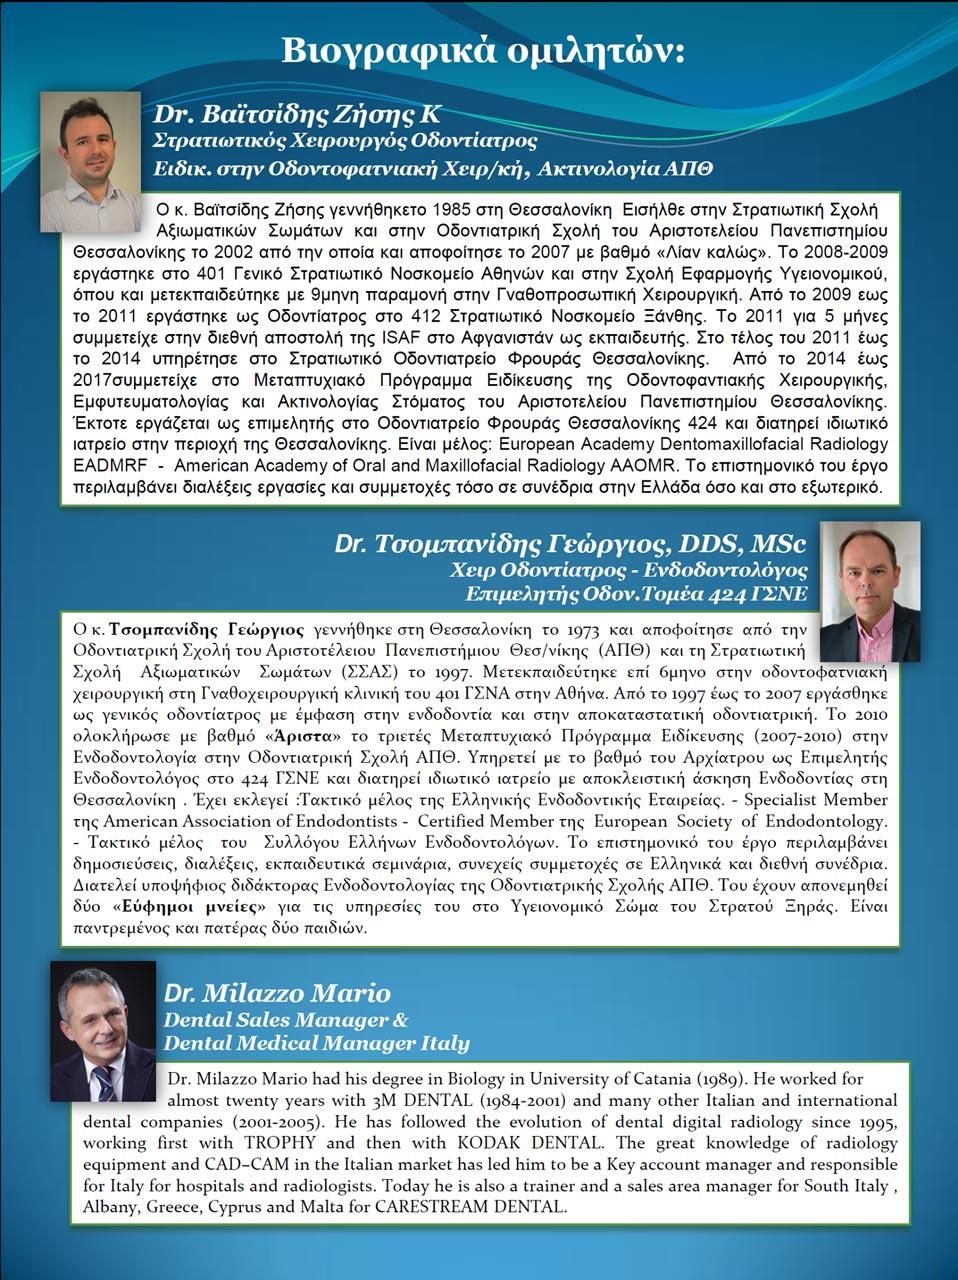 Βιογραφικά ομιλητών στην οδοντιατρική ημερίδα στην Πρέβεζα